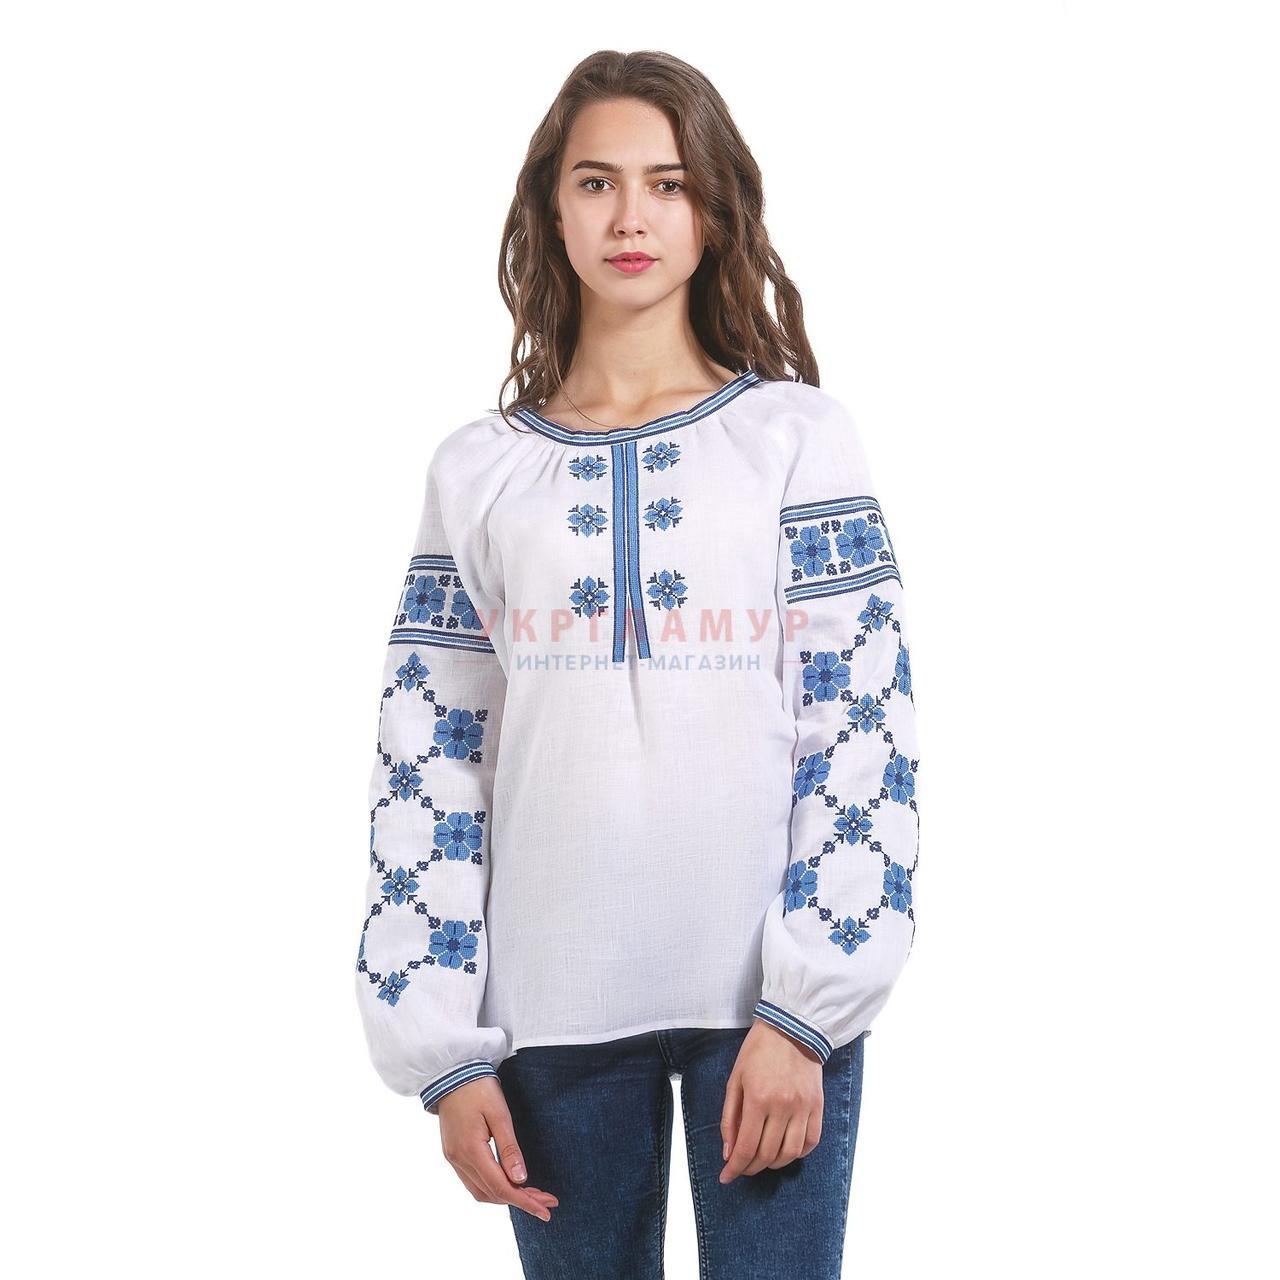 Вышитая дизайнерская женская рубашка белая с синими цветами